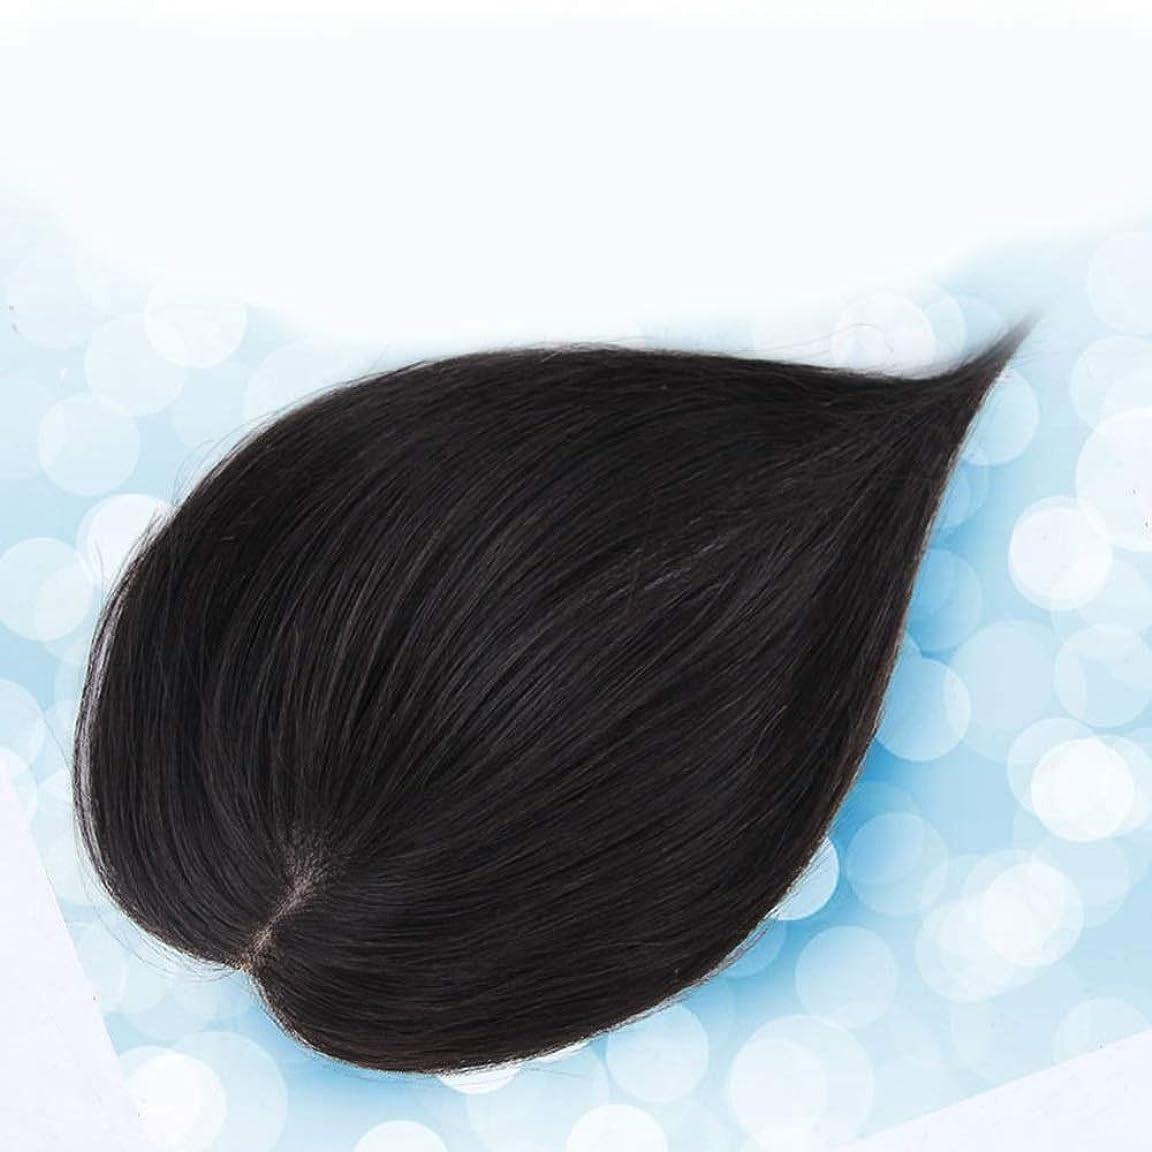 有料作成する好きBOBIDYEE ヘアエクステンションダークブラウンストレート人毛ウィッグパーティーウィッグで女性のリアルヘアクリップ (色 : [7x10] 35cm natural black)